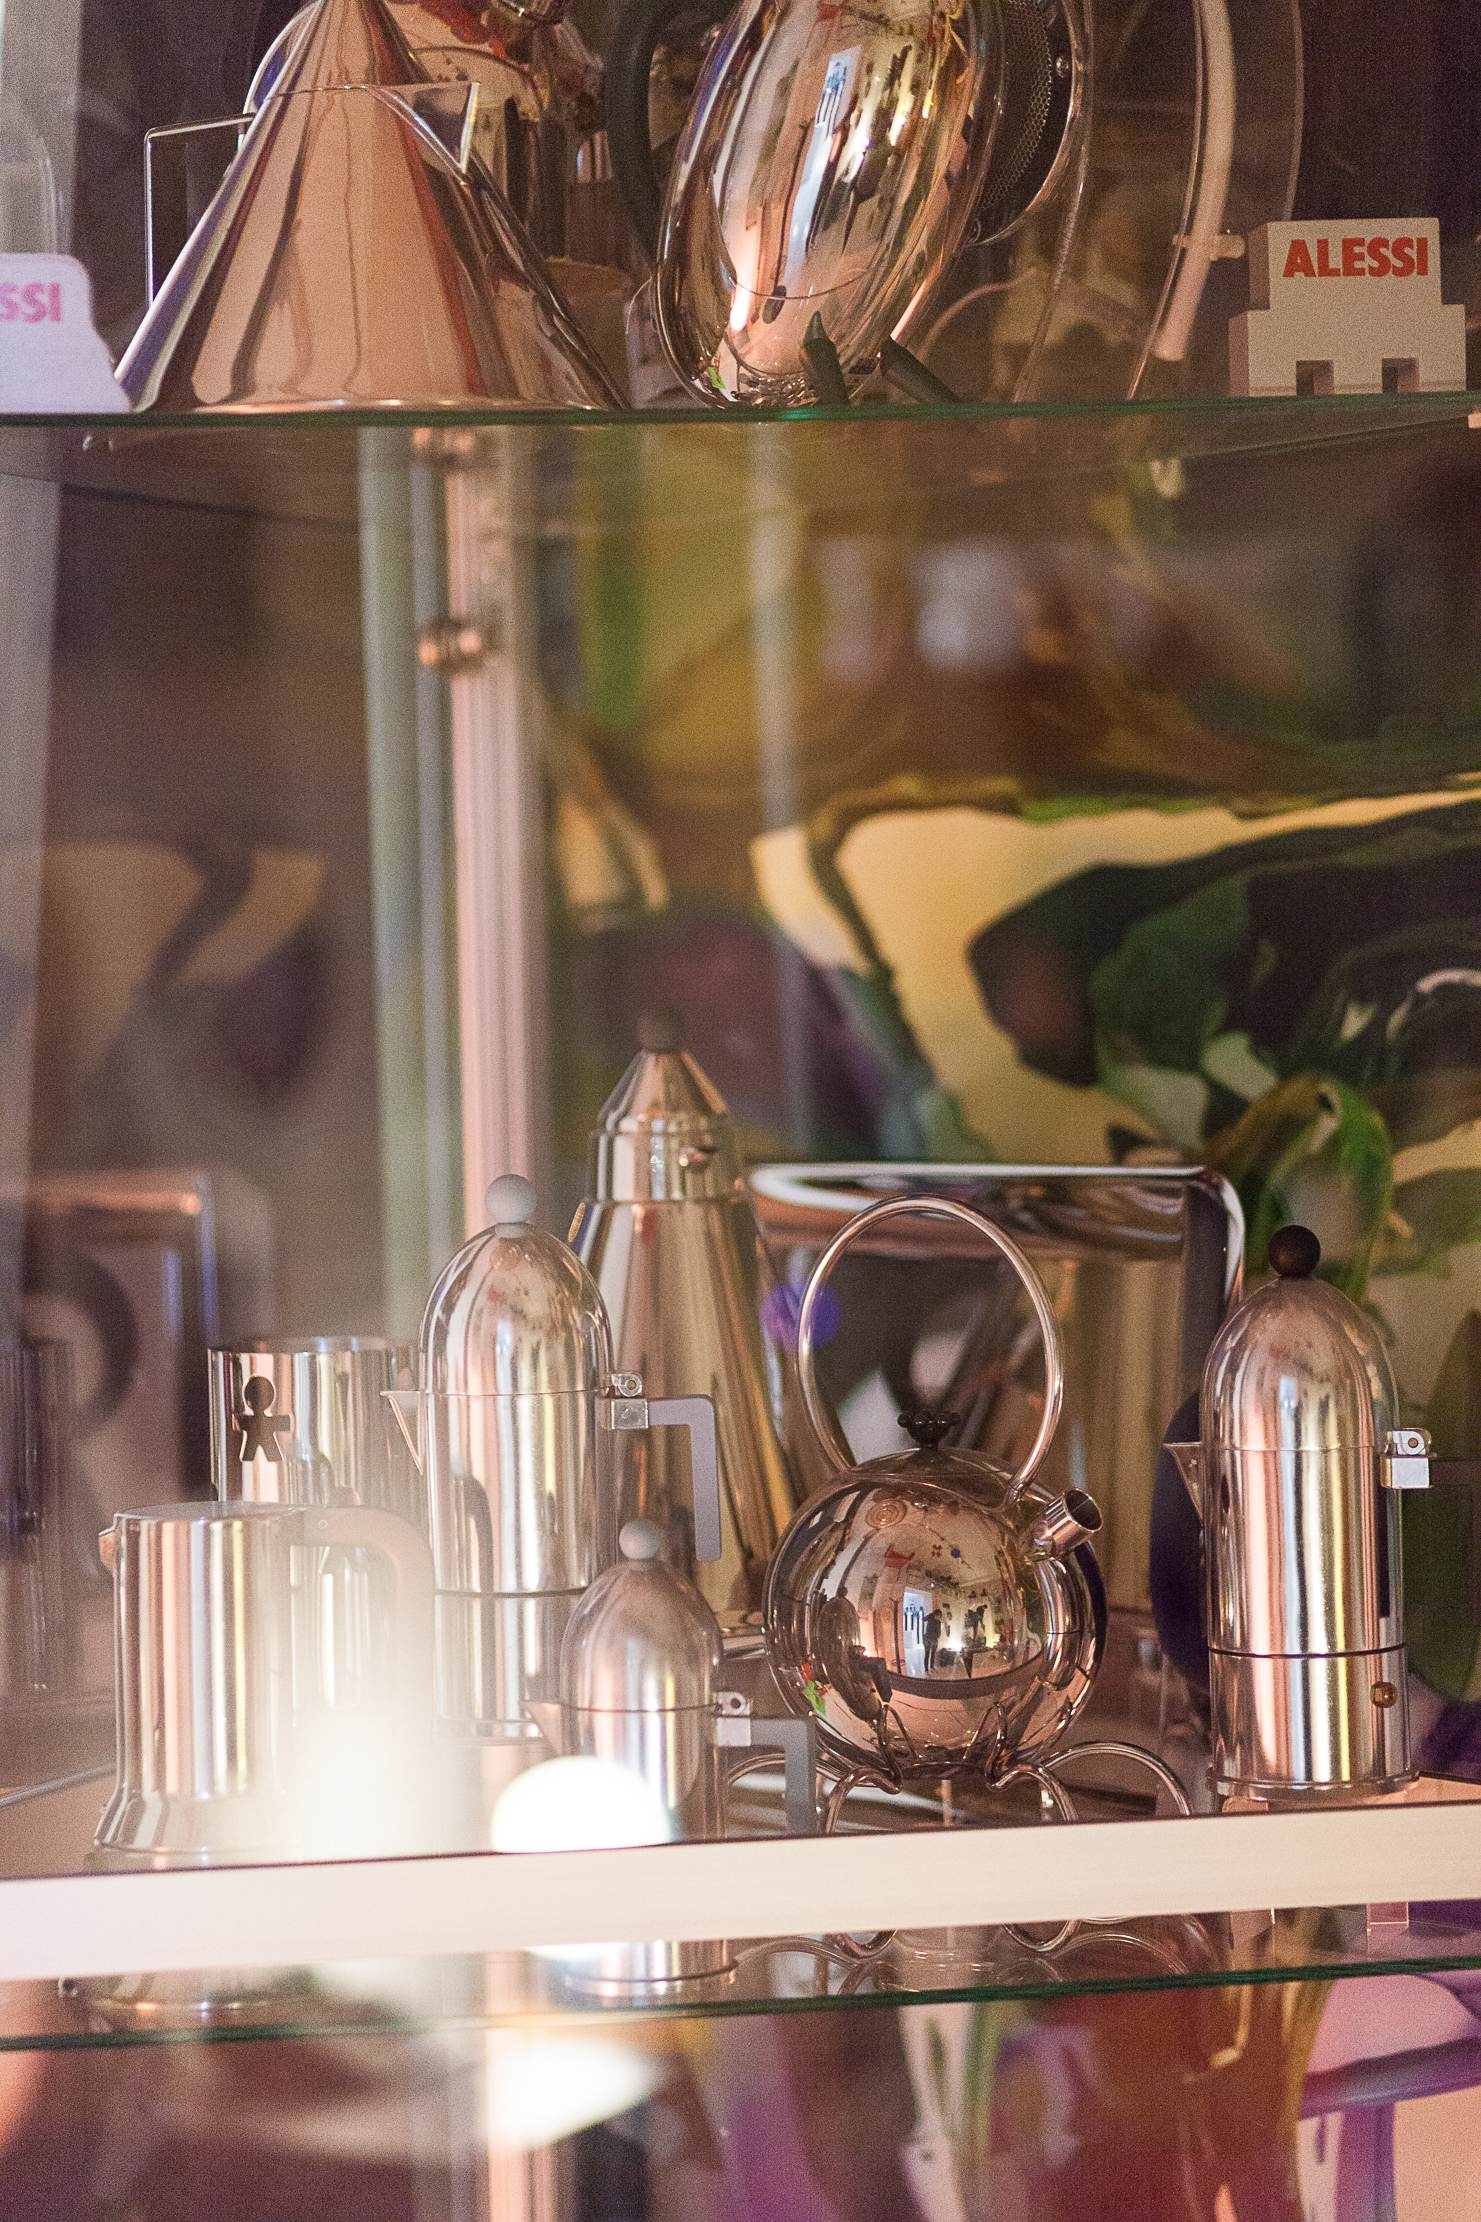 011-Burnrate-Kunst-Cafe-Berlin-IMG_0019.jpg